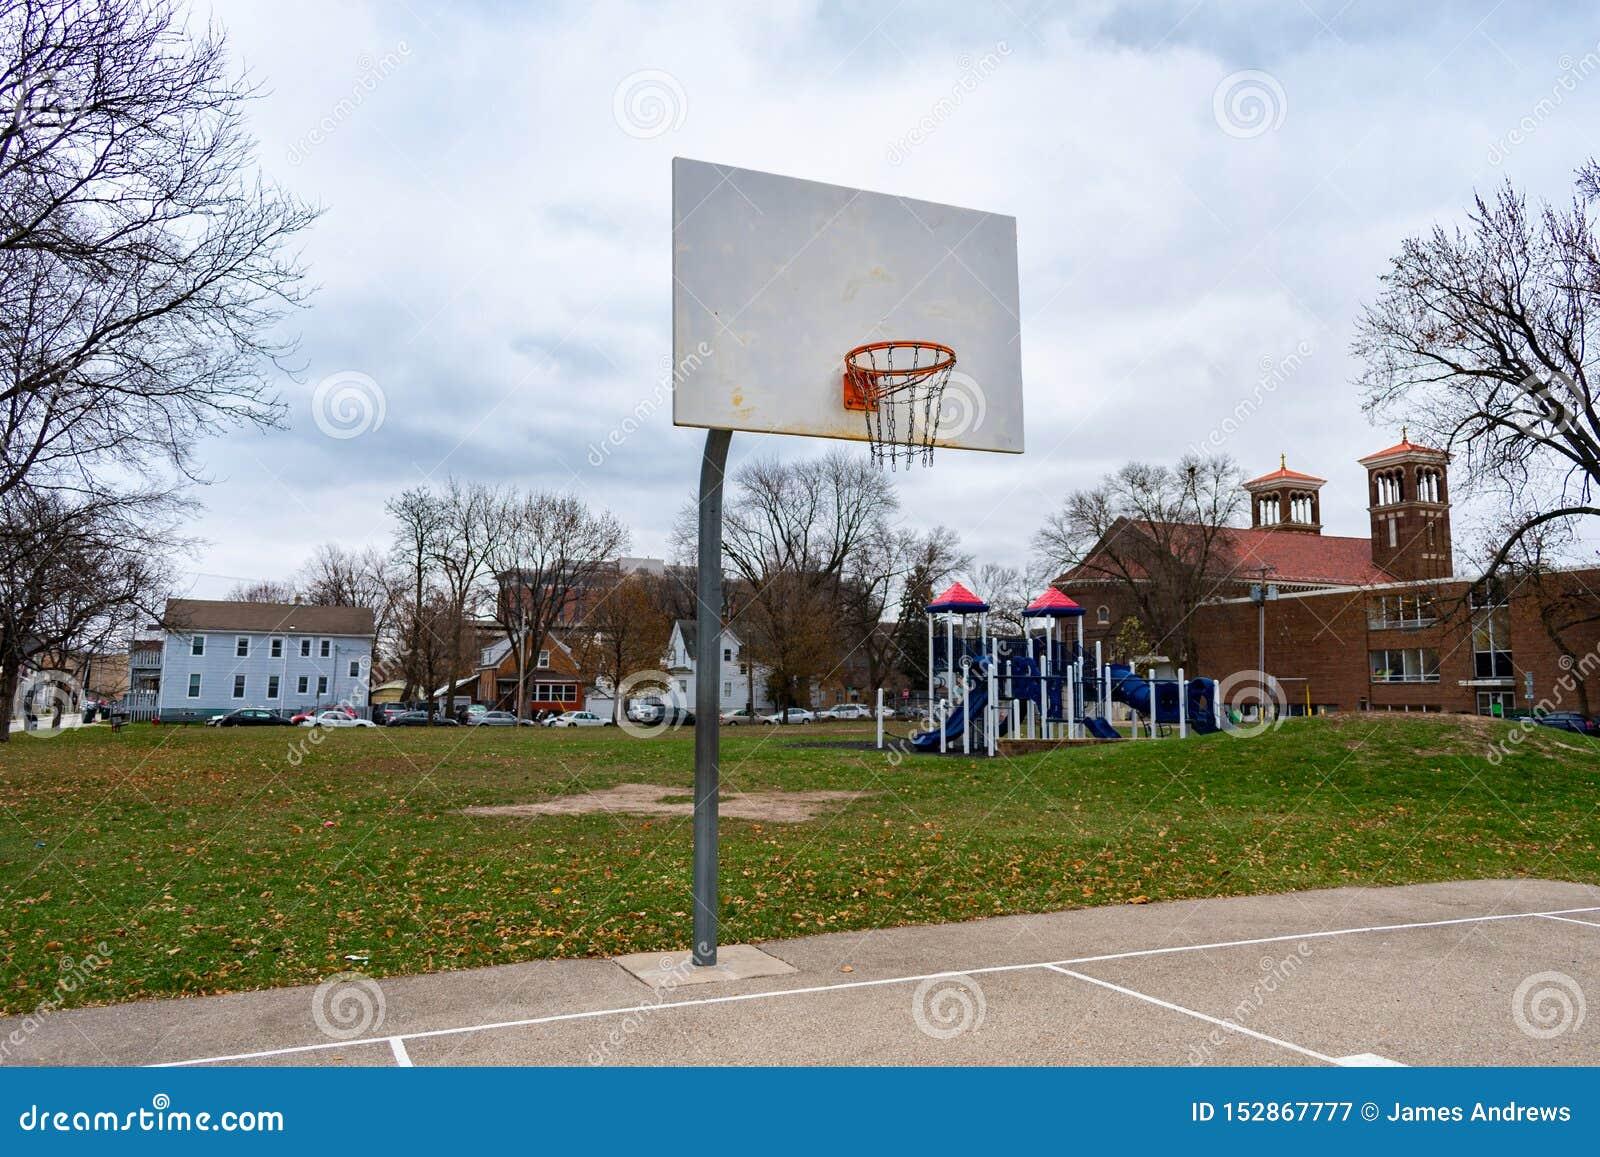 Basketballkorb in einem Park des Mittelwestens an einem kalten Tag